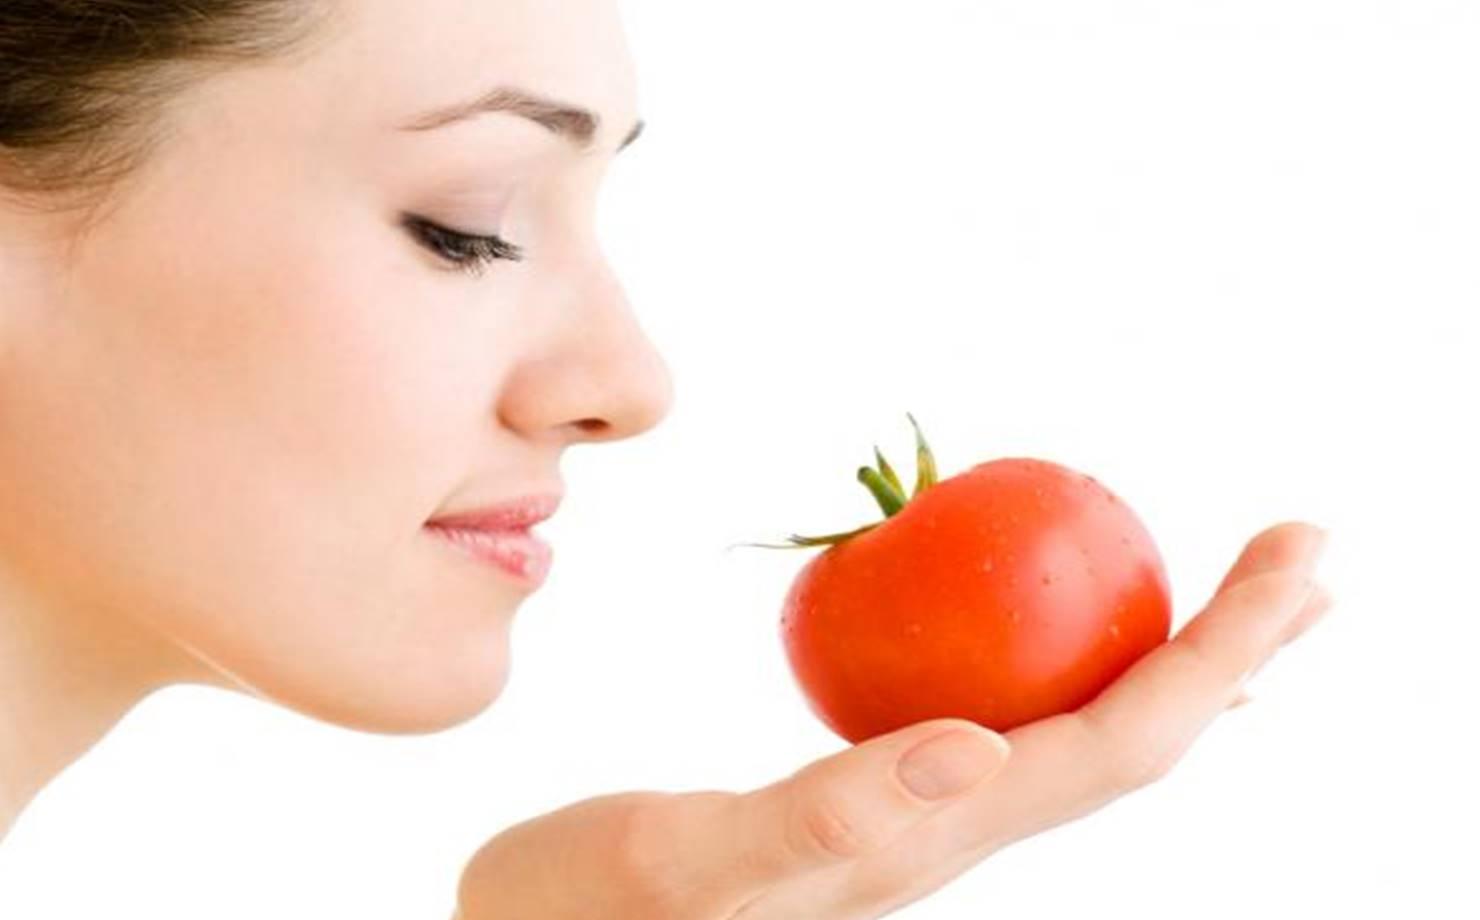 Tomates e uso para Beleza